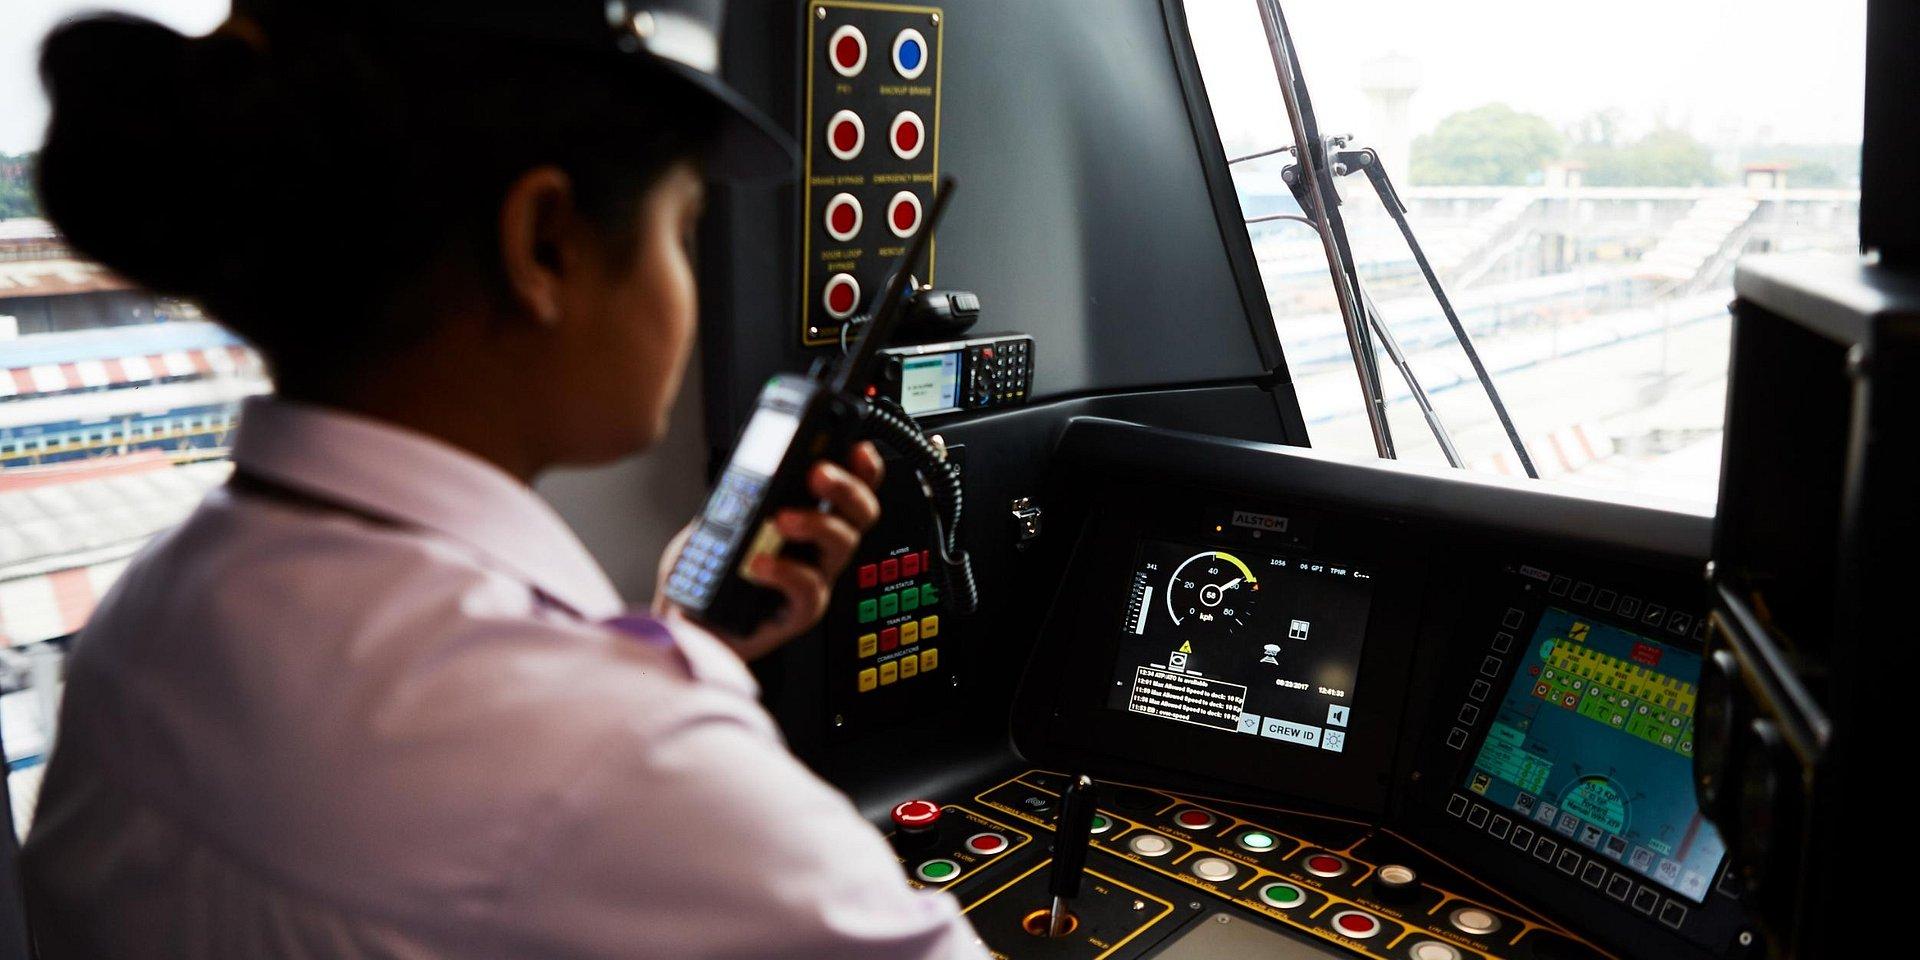 Alstom dostarczy system sygnalizacji CBTC do obsługi 3. linii metra w Bombaju